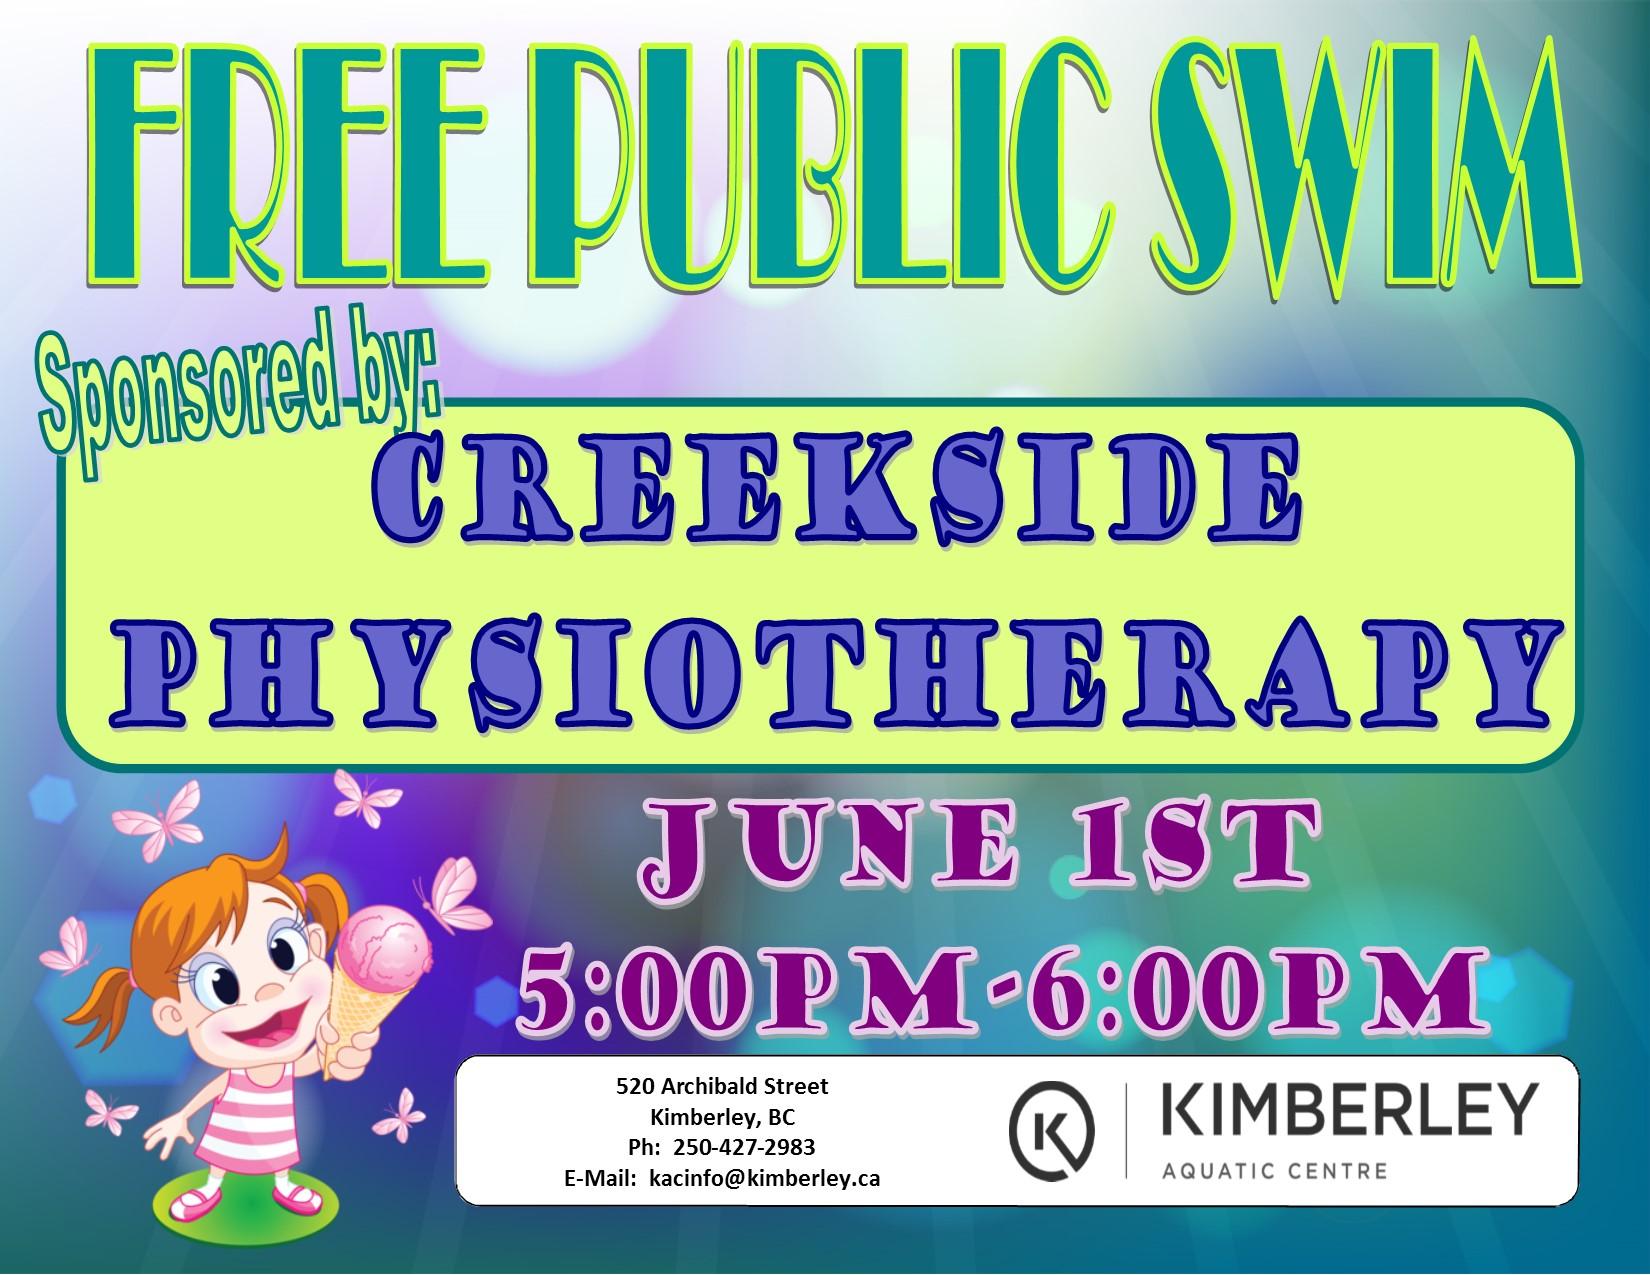 Free Public Swim